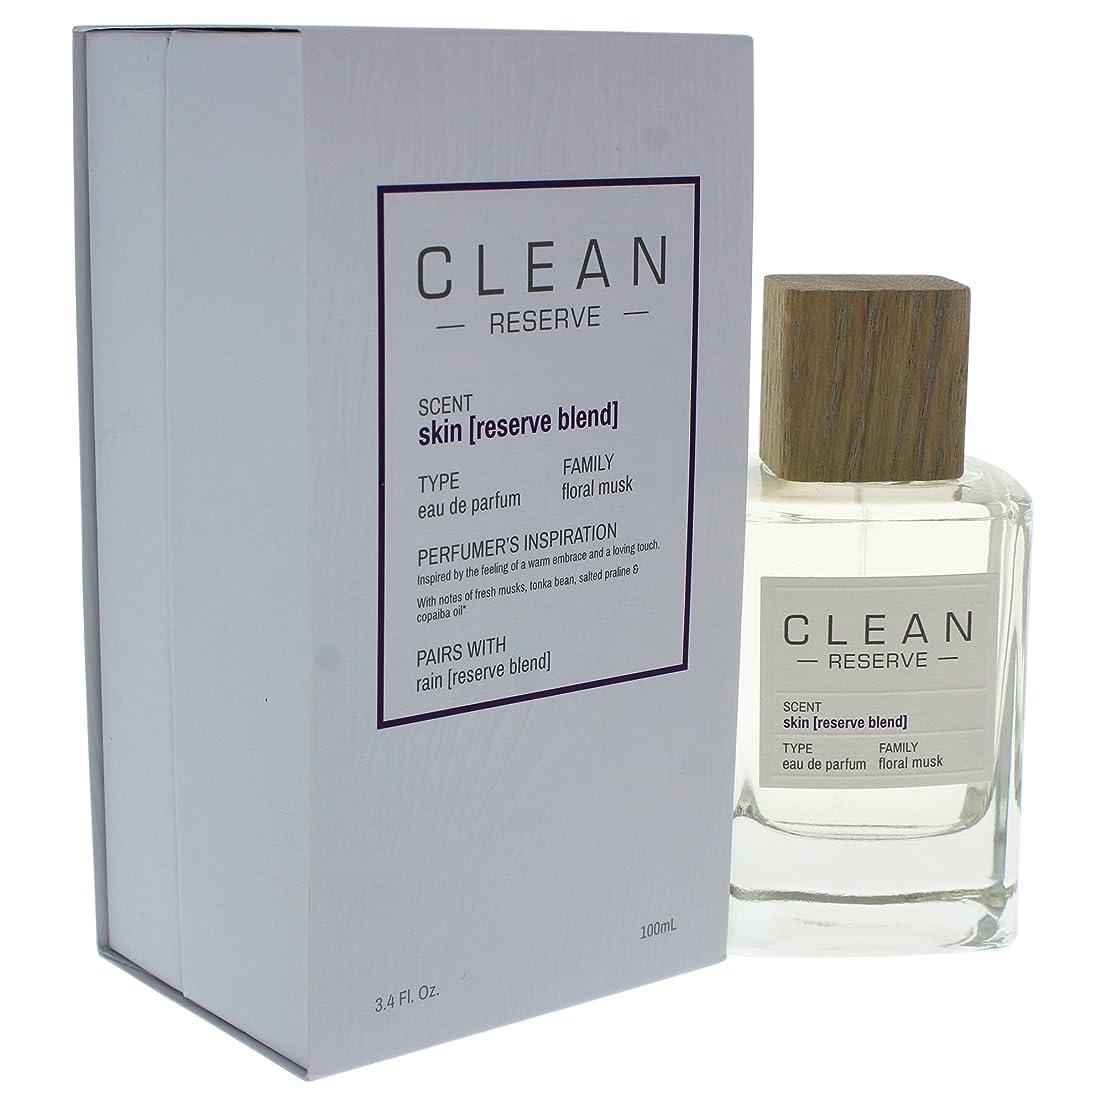 勢い参照誤解◆【CLEAN】Unisex香水◆クリーン リザーブ スキン オードパルファムEDP 100ml◆